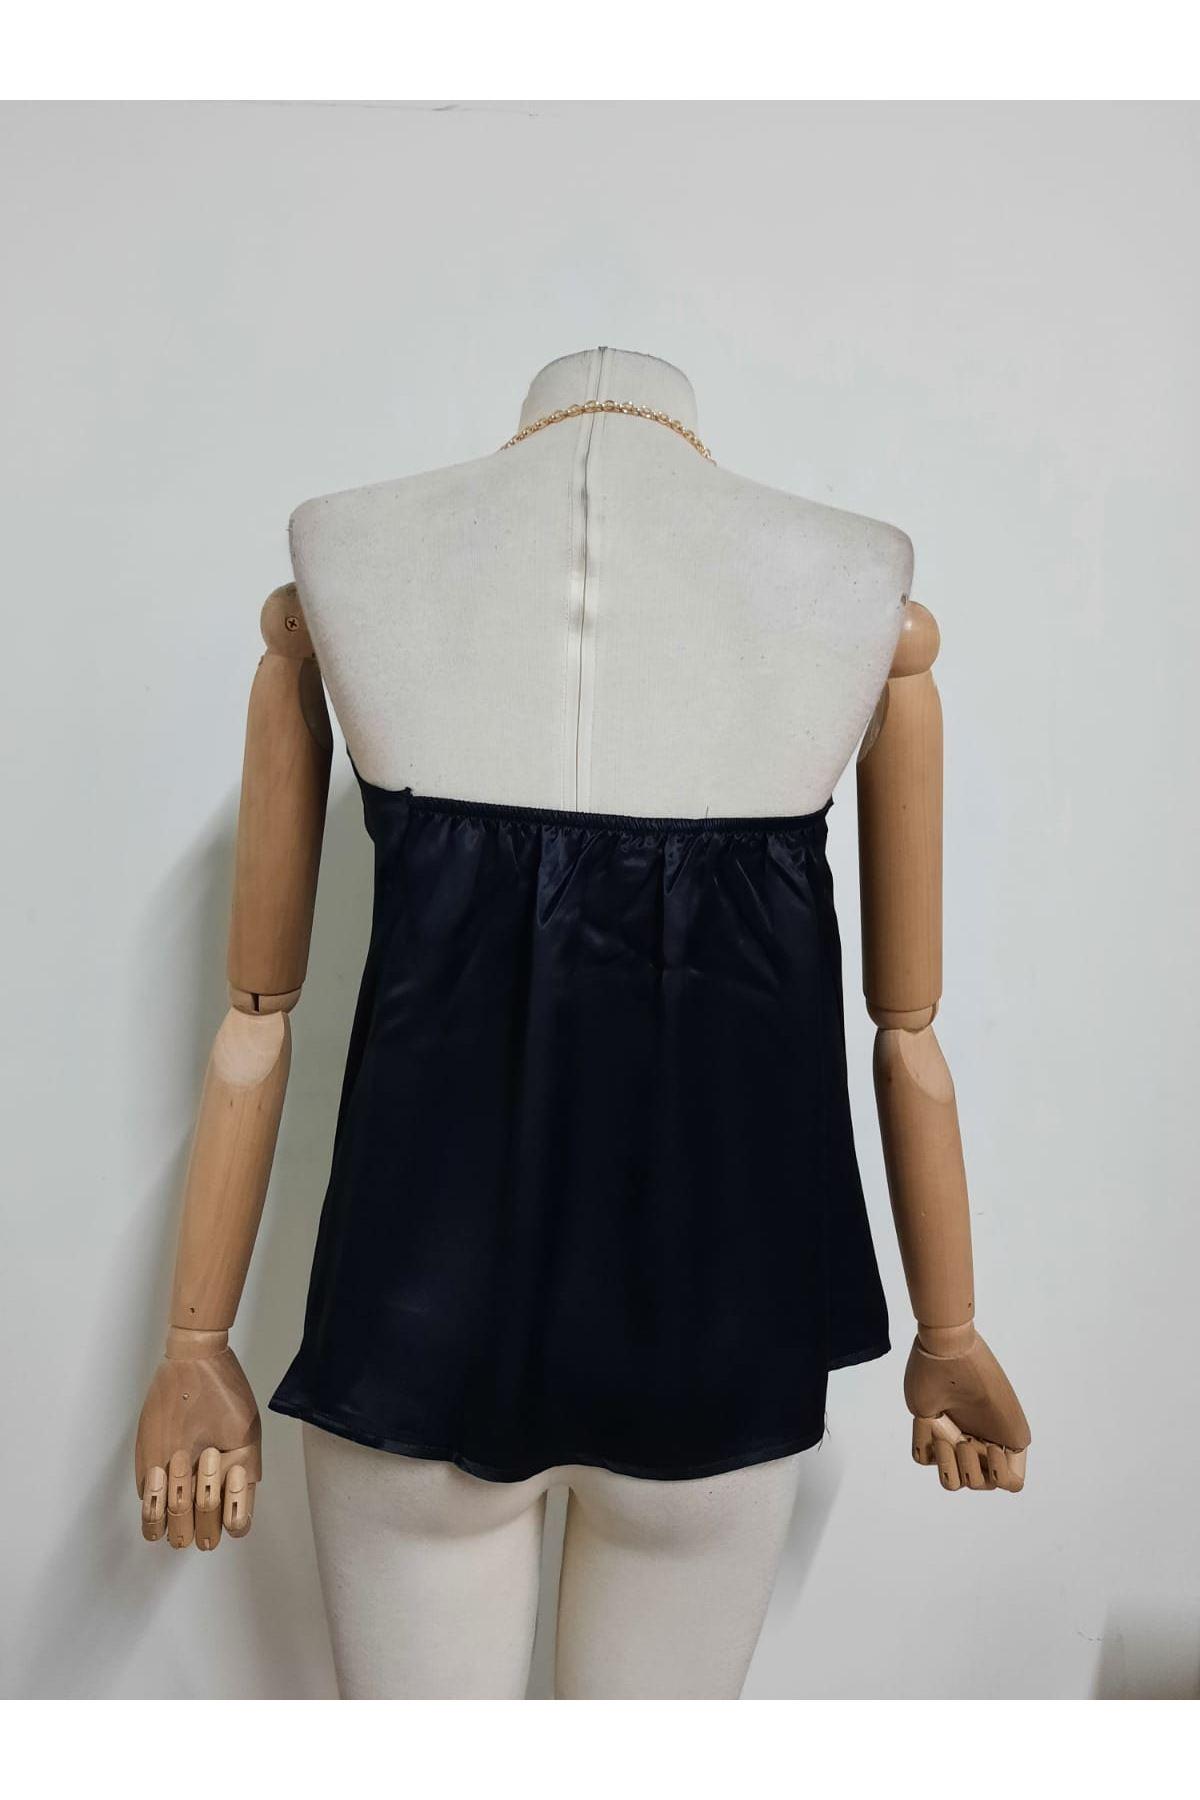 Zincir Askılı Saten Bluz - siyah